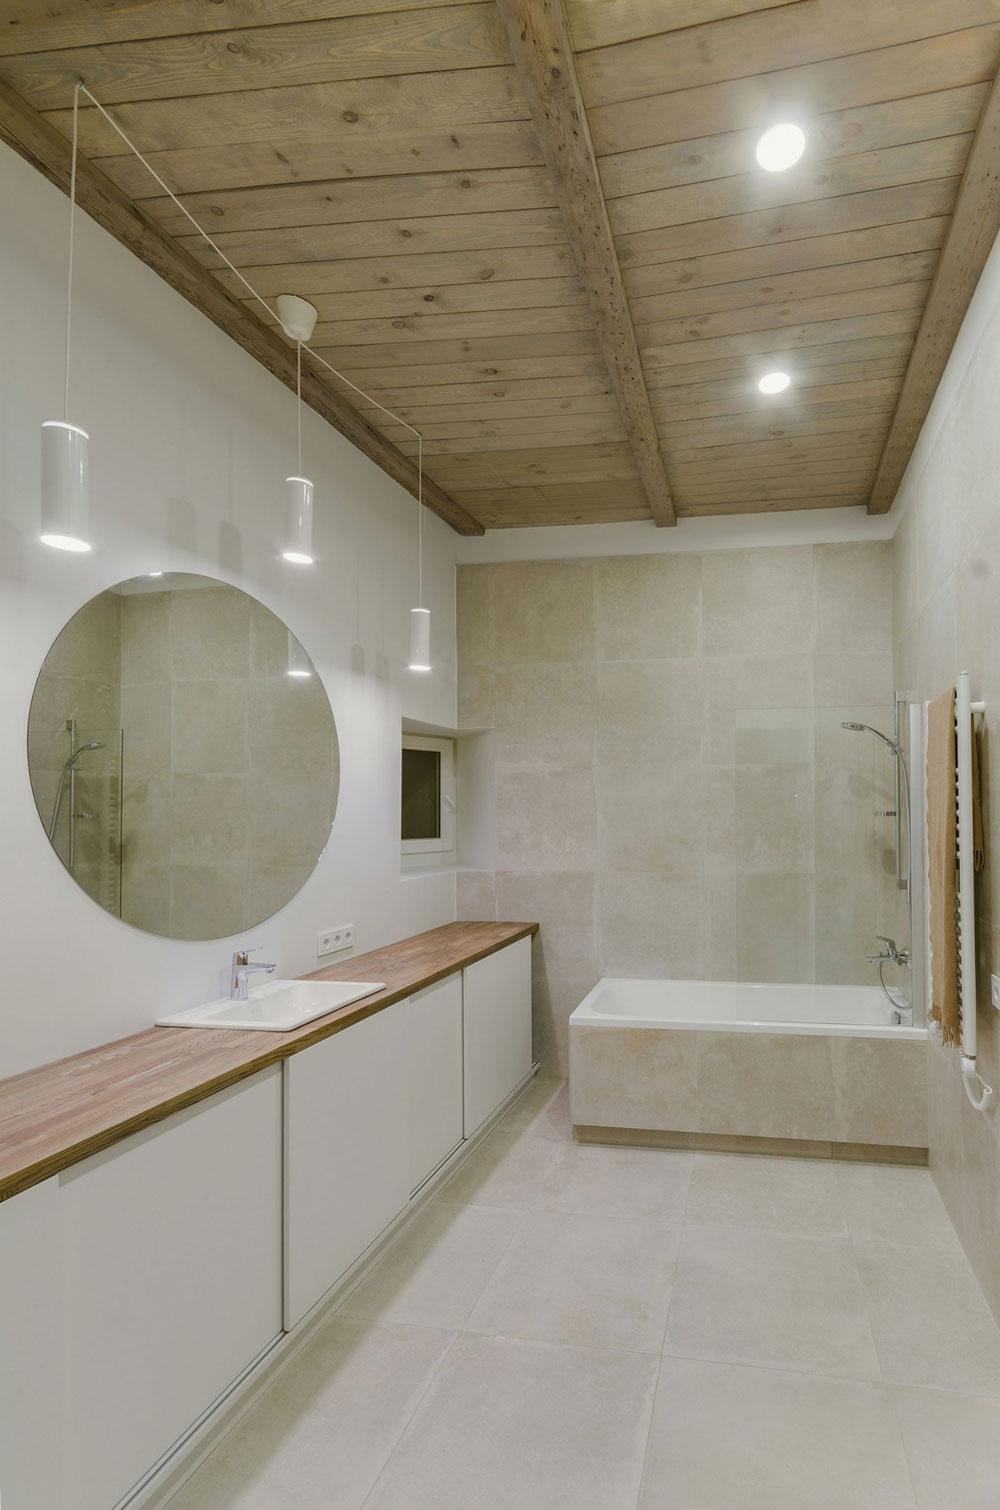 Letar du efter inspiration för modern badrumsinredning-1 Letar du efter inspiration för modern badrumsinredning?